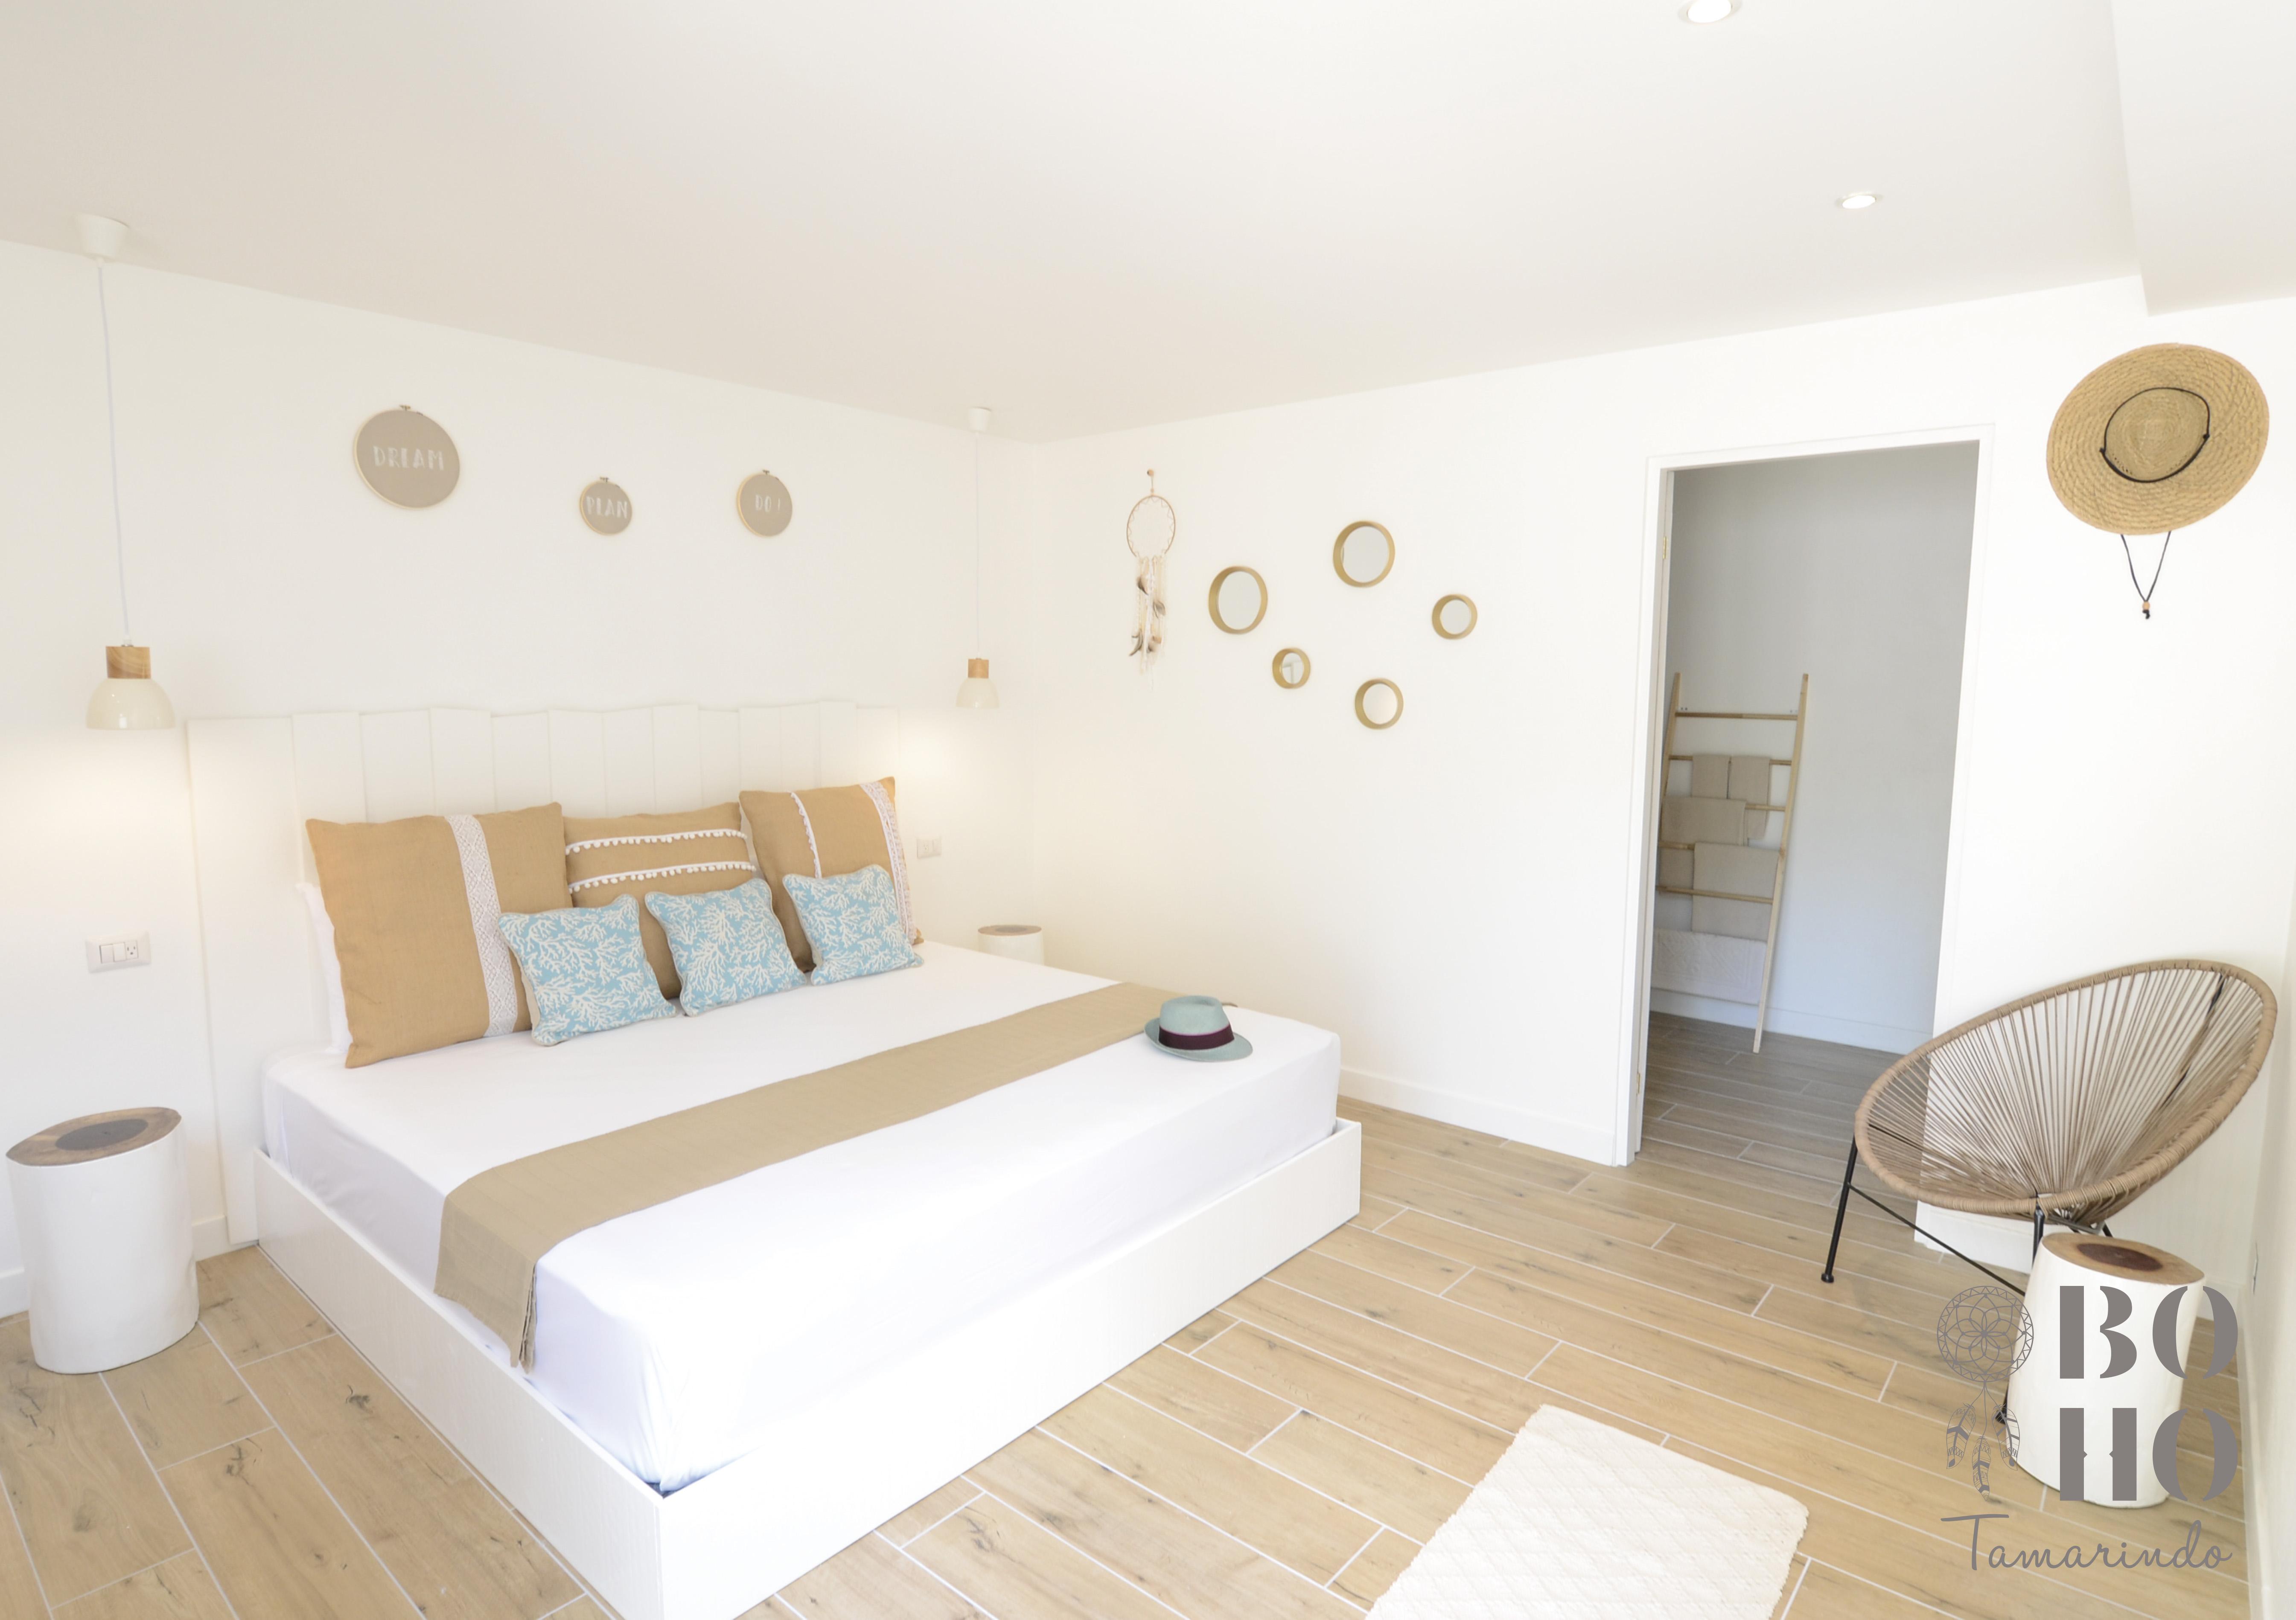 Bedandbreakfast-tamarindo-room8-beige-Bo